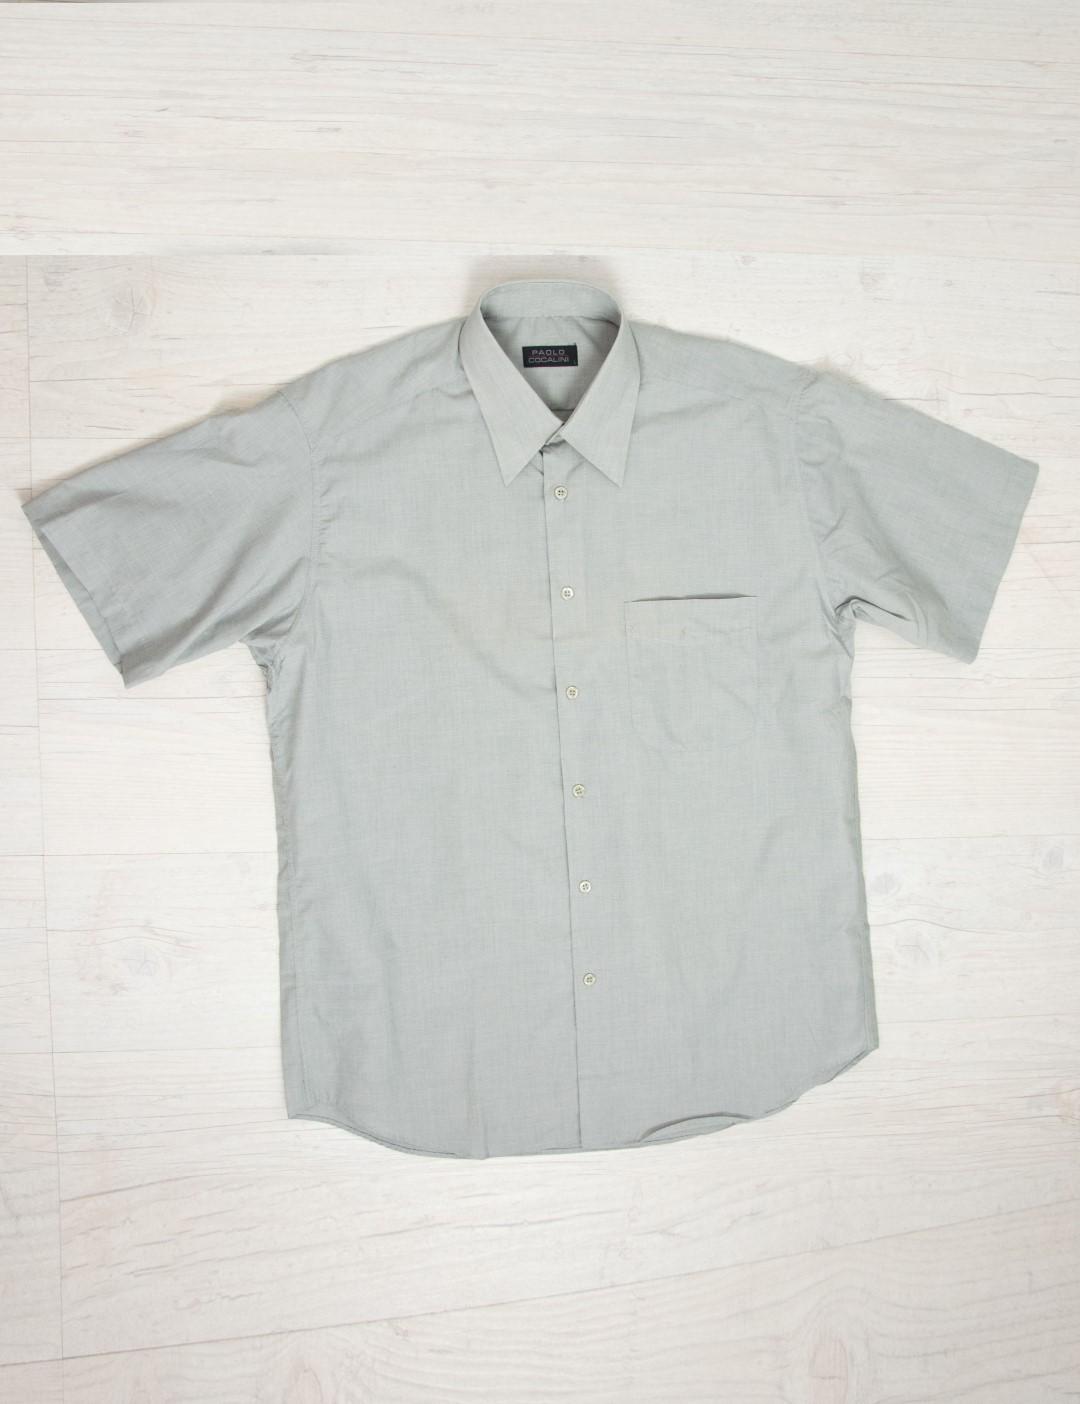 24d42c57e3a7 Ανδρικό πουκάμισο γκρί κοντομάνικο με τσέπη 54064